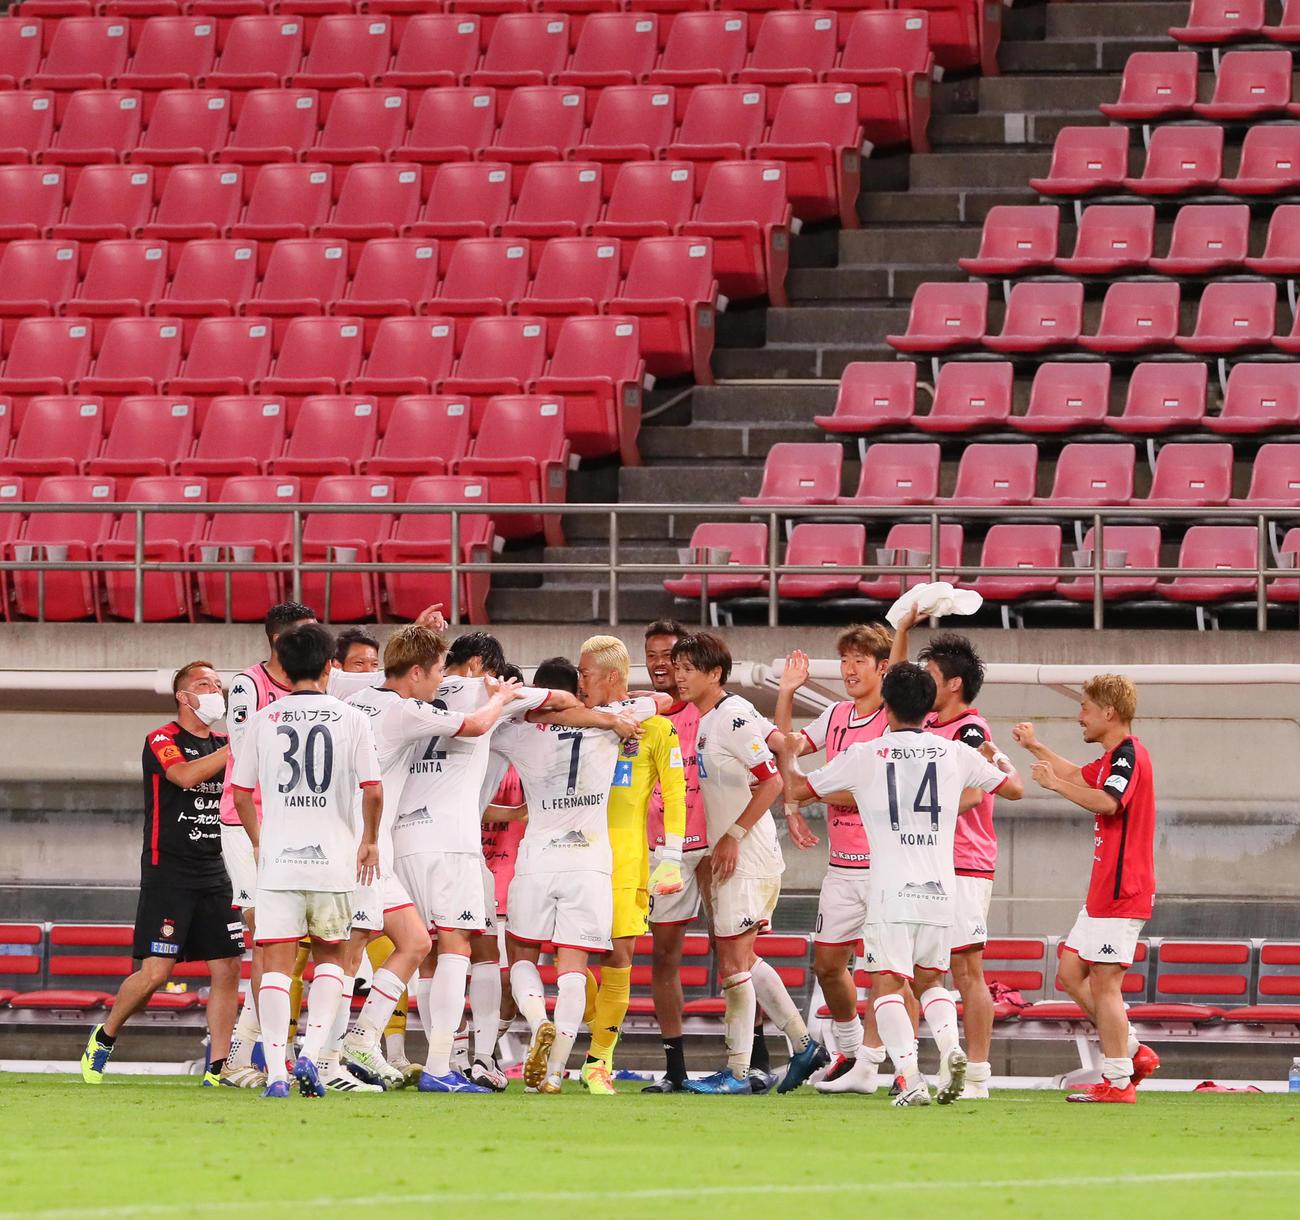 鹿島対札幌 後半、札幌MFルーカスの追加点を抱き合い喜ぶイレブン(撮影・足立雅史)